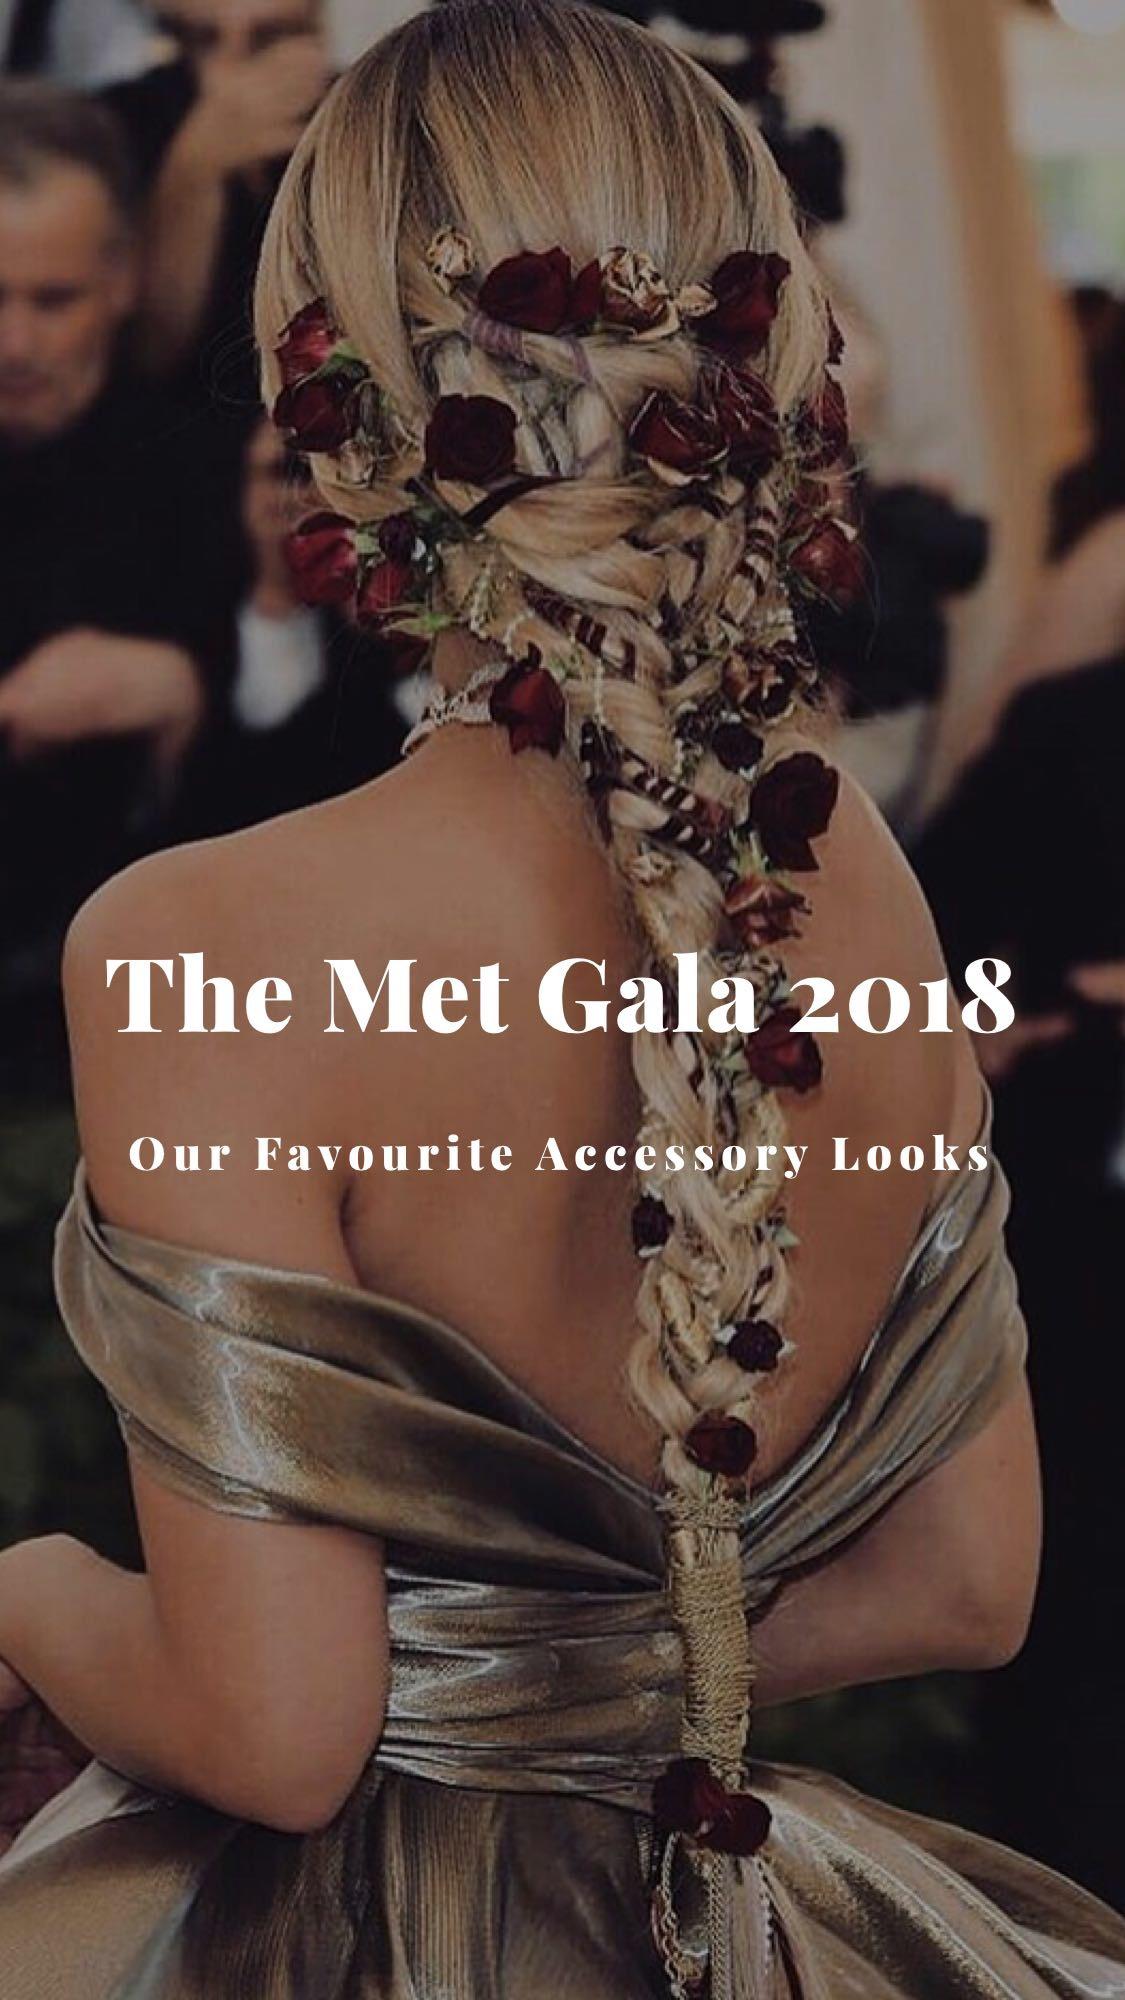 The Met Gala 2018